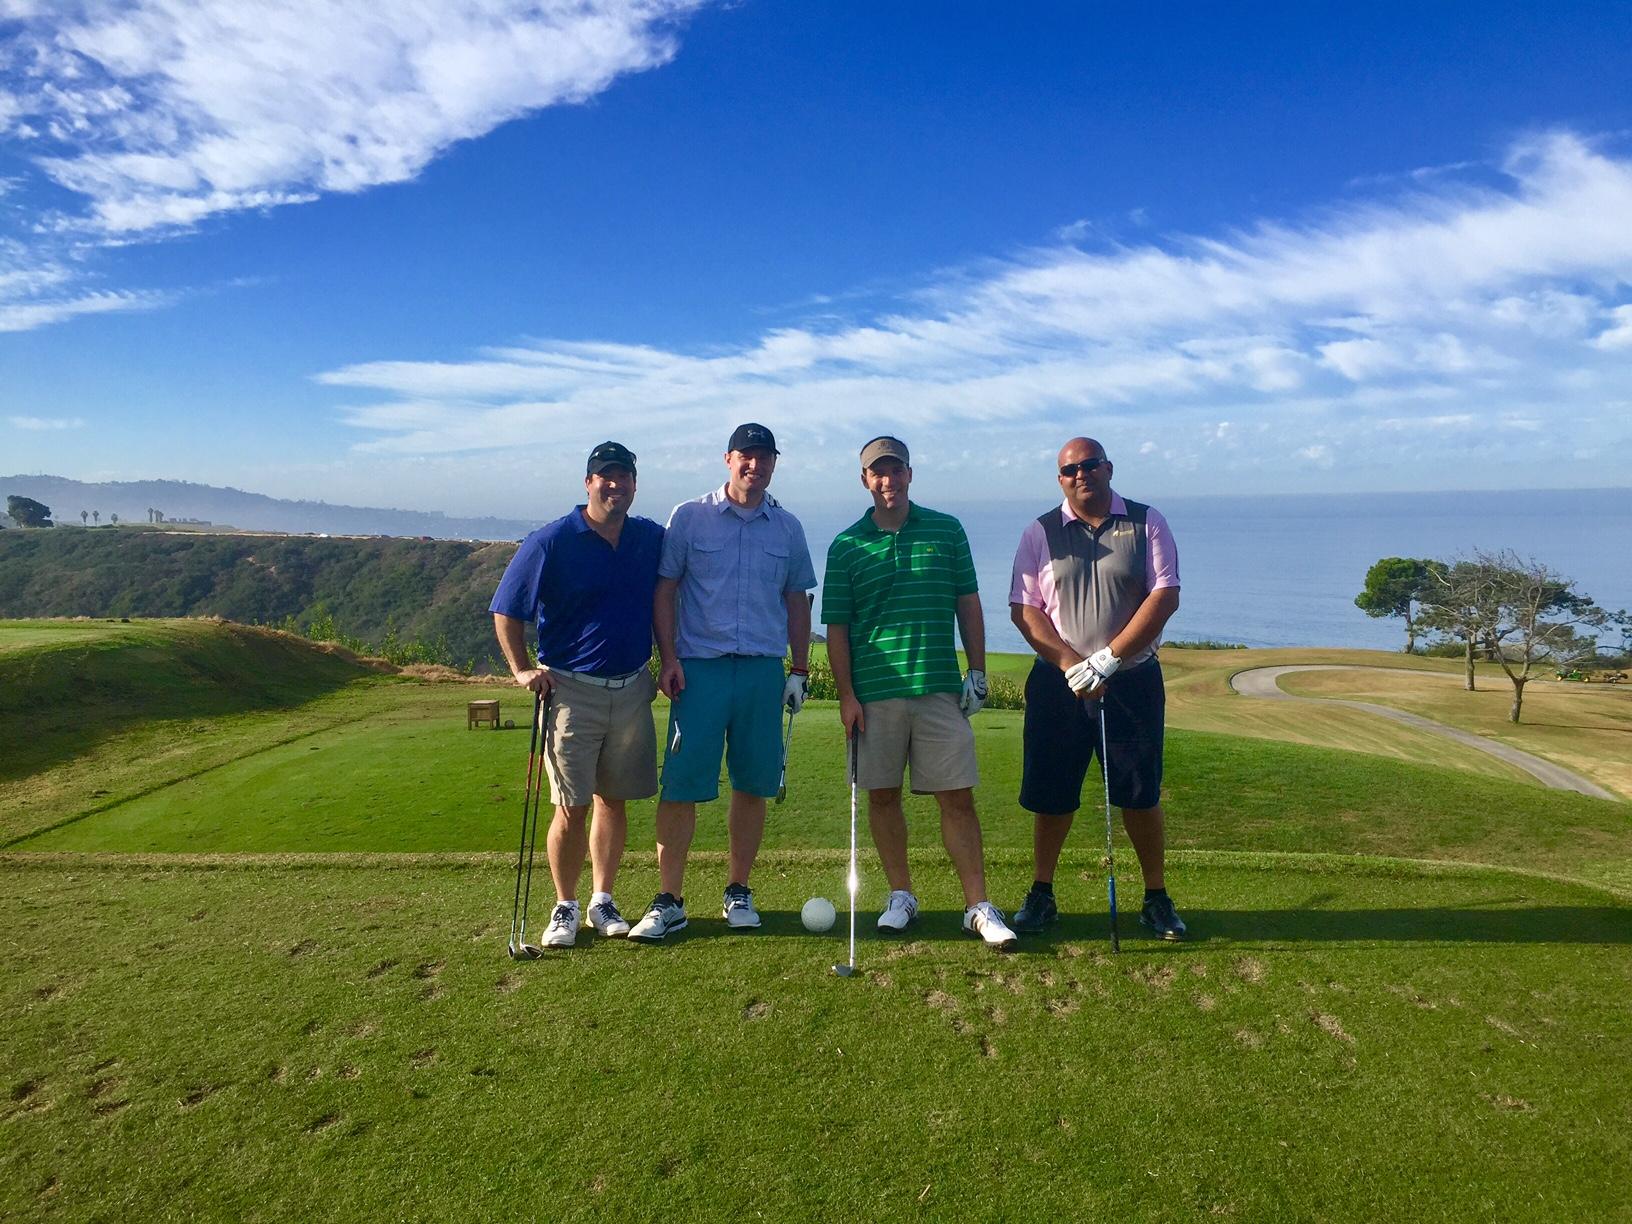 Golf Image for website 3